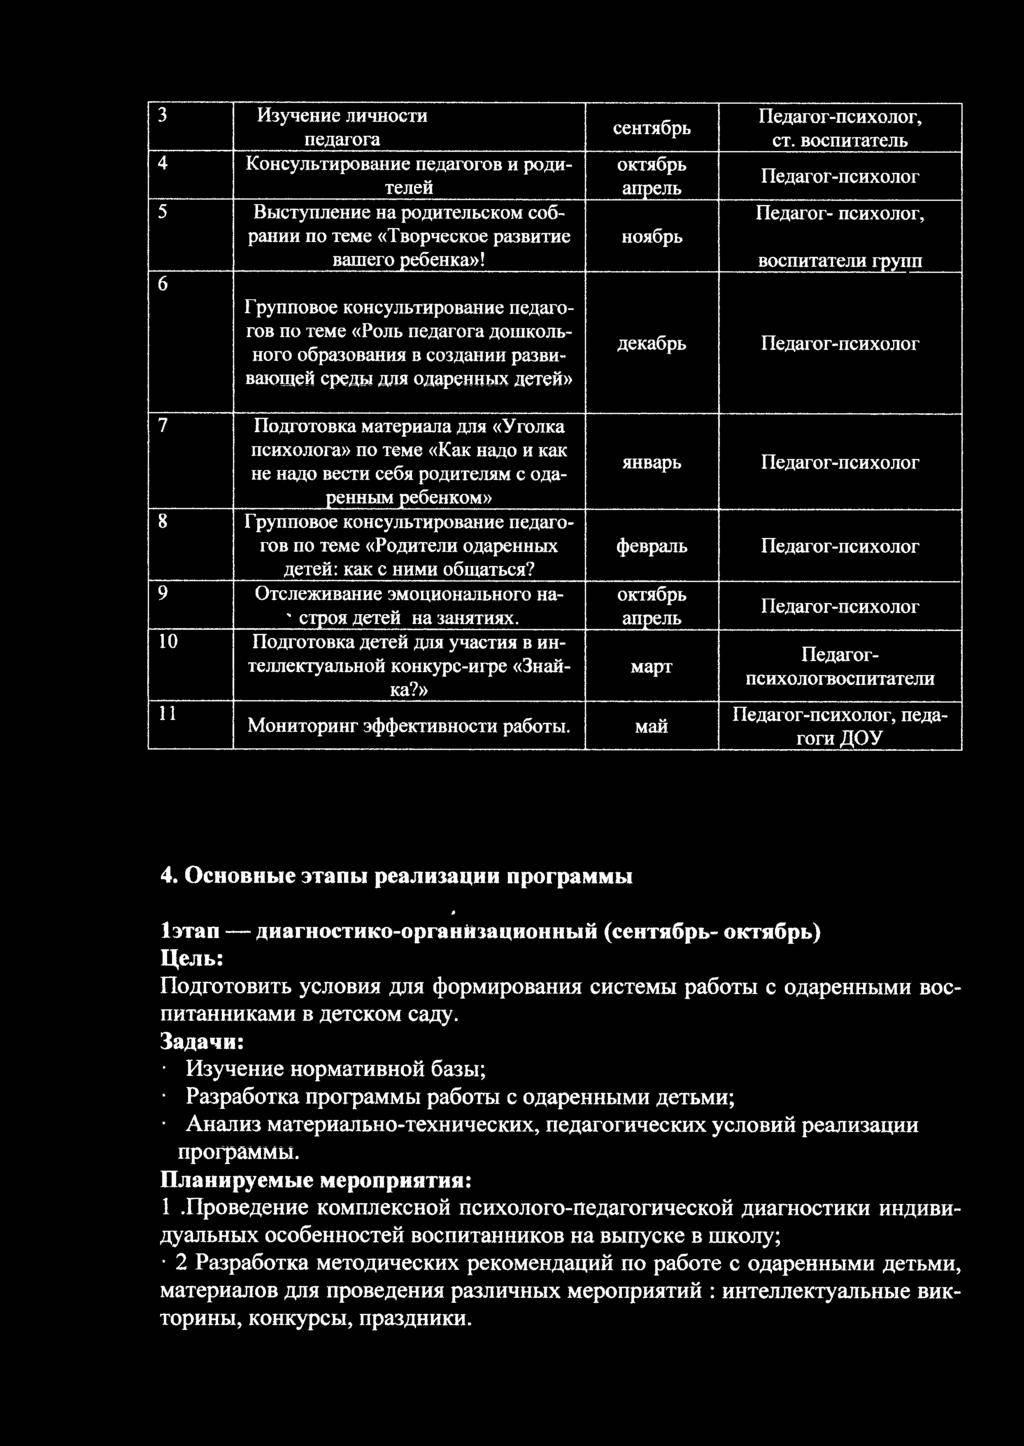 Неробеева юлия александровна | сайт педагога-психолога доу | социальная сеть работников образования